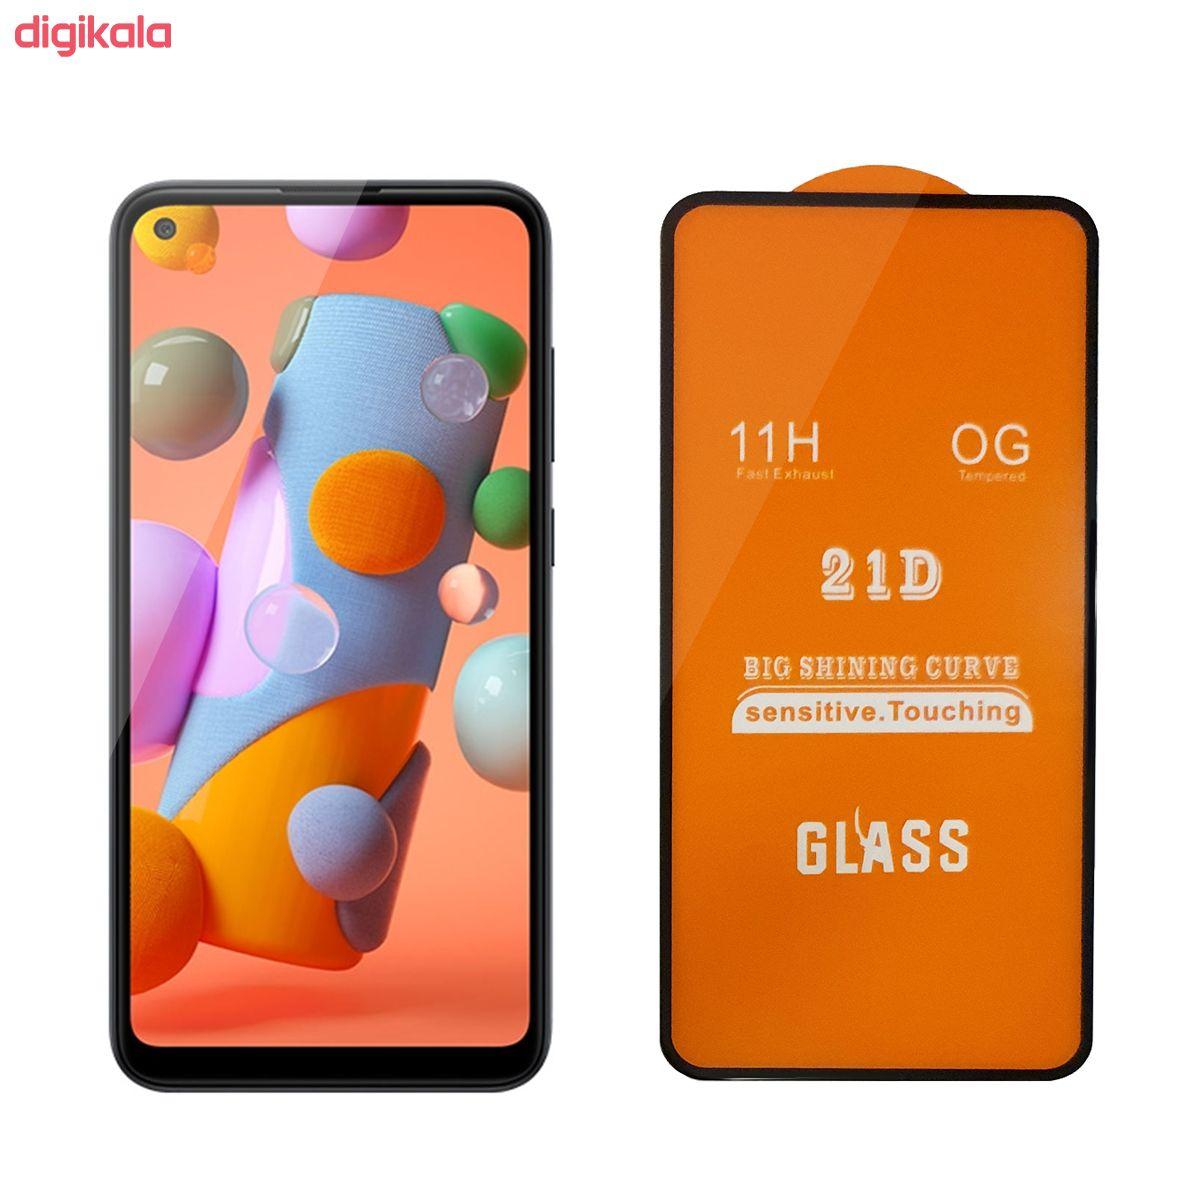 محافظ صفحه نمایش مدل F21pl مناسب برای گوشی موبایل سامسونگ Galaxy A11 main 1 1